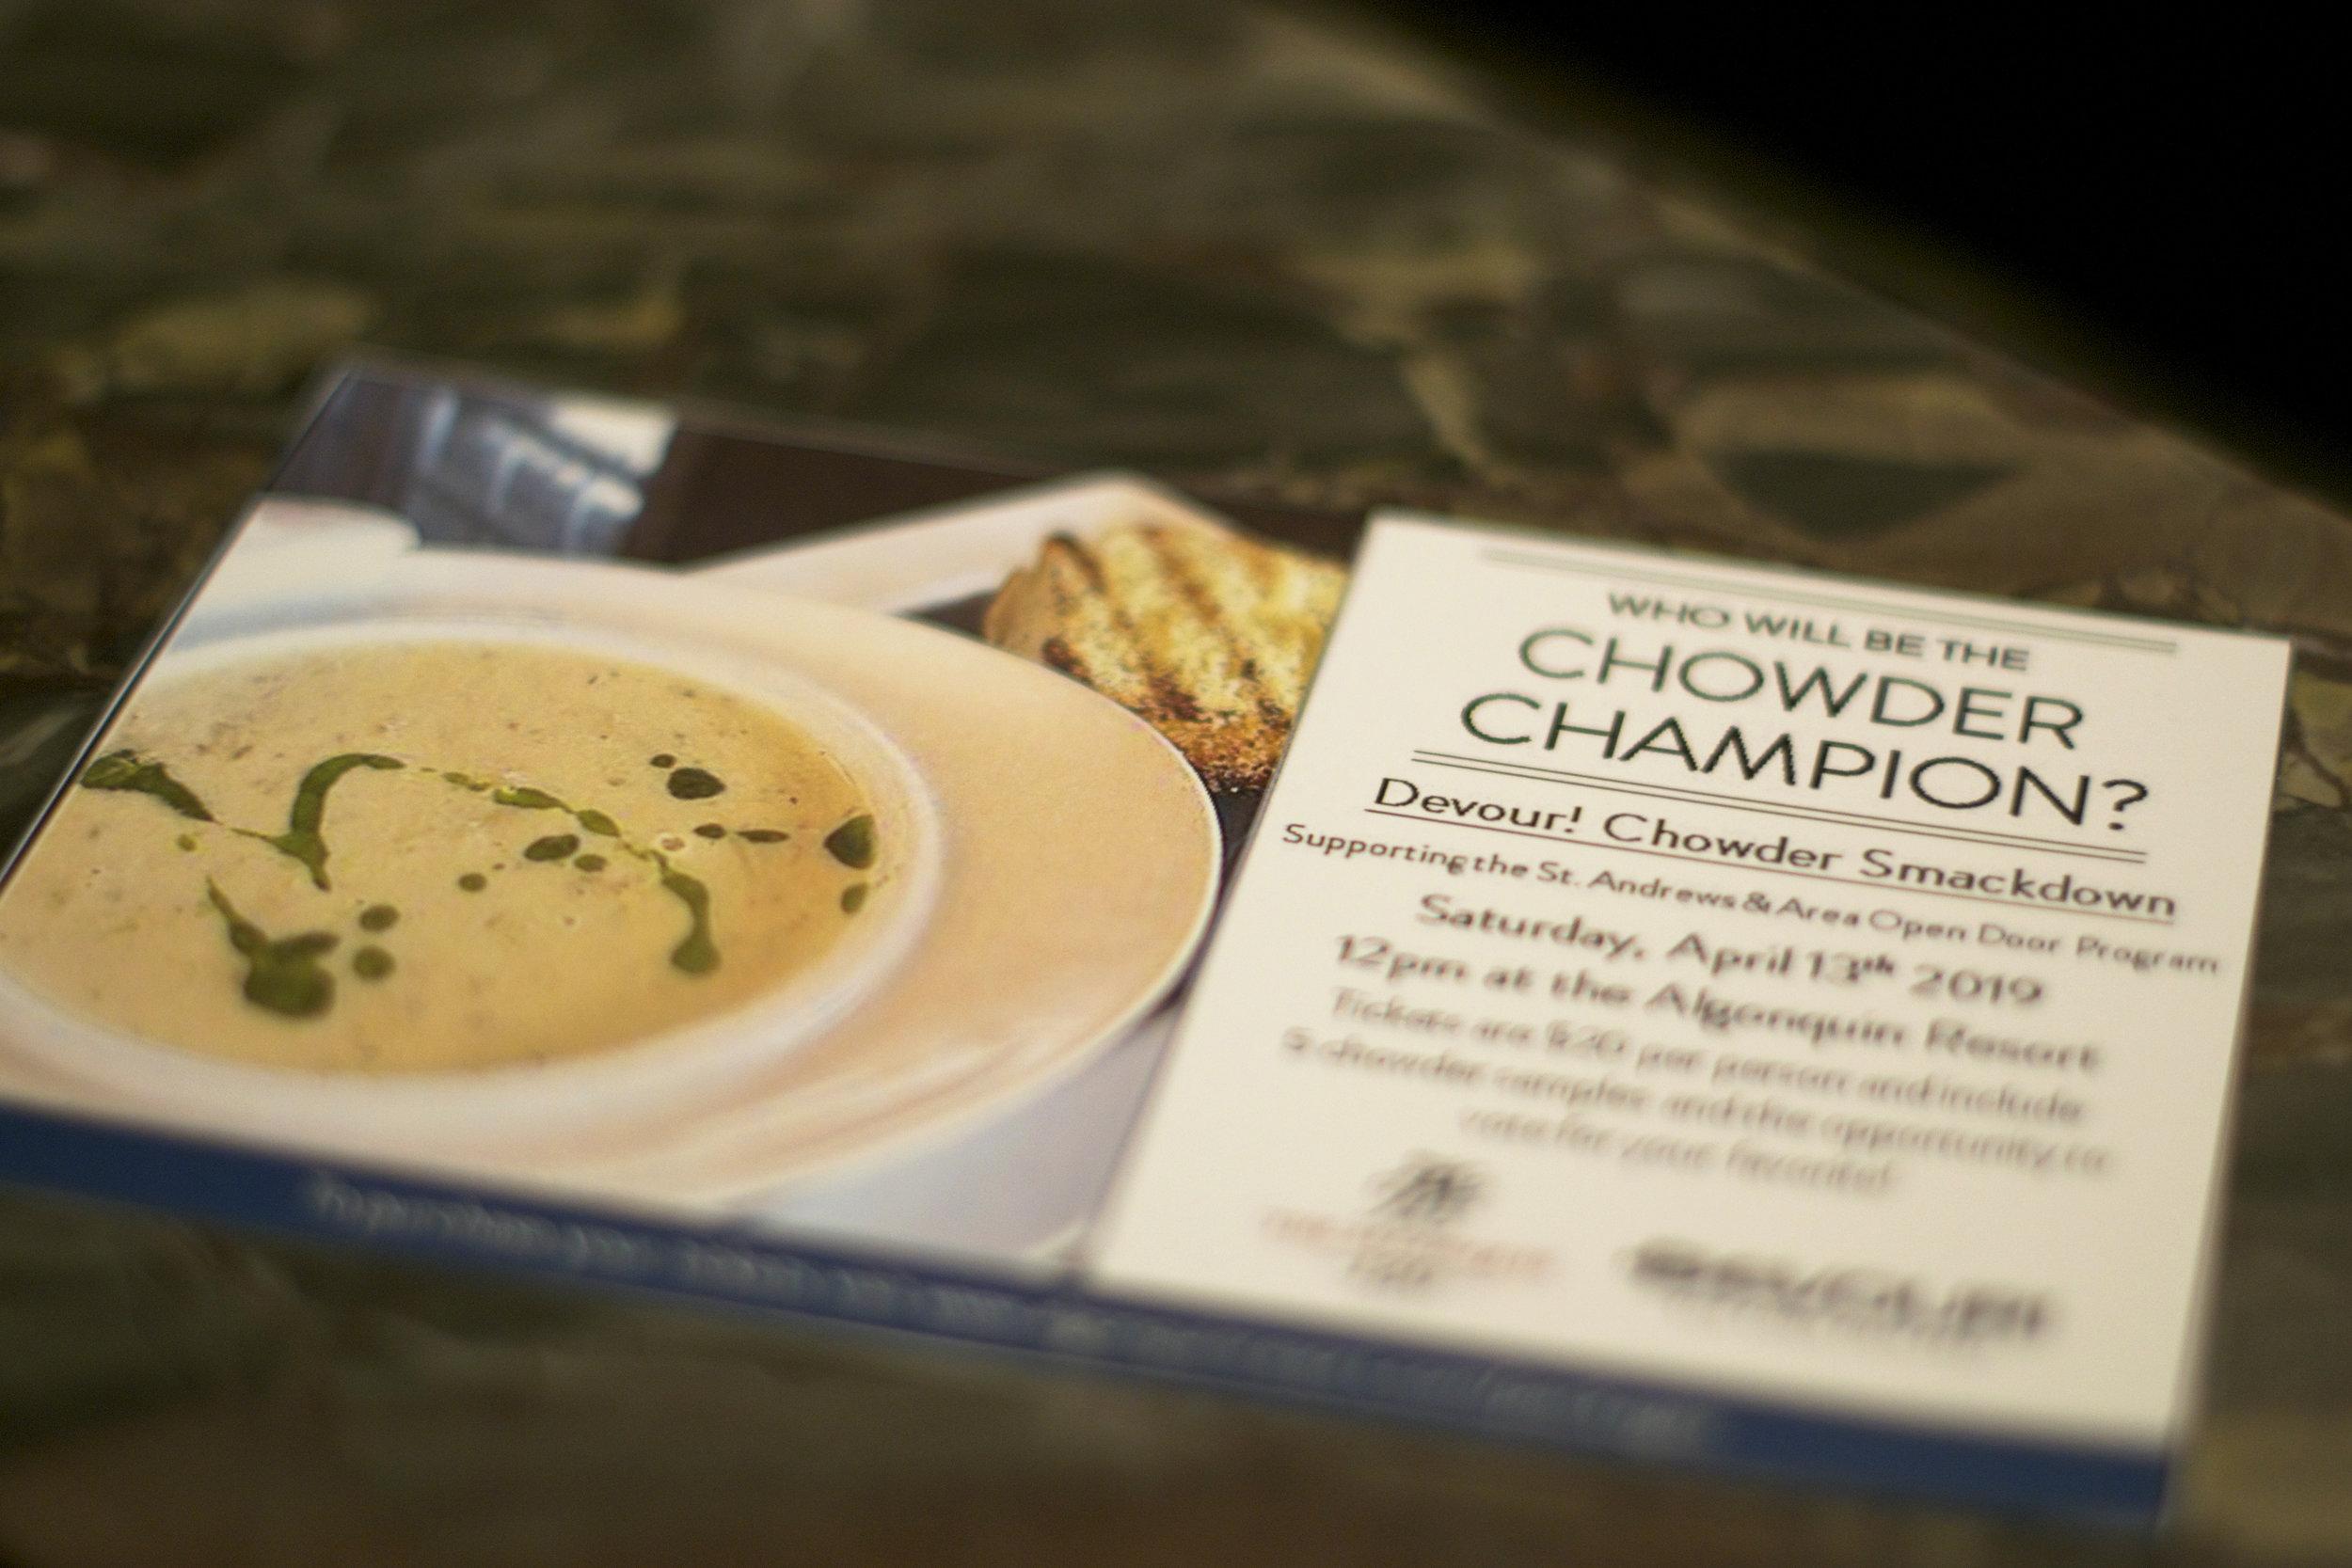 chowder-champion-ad.jpg